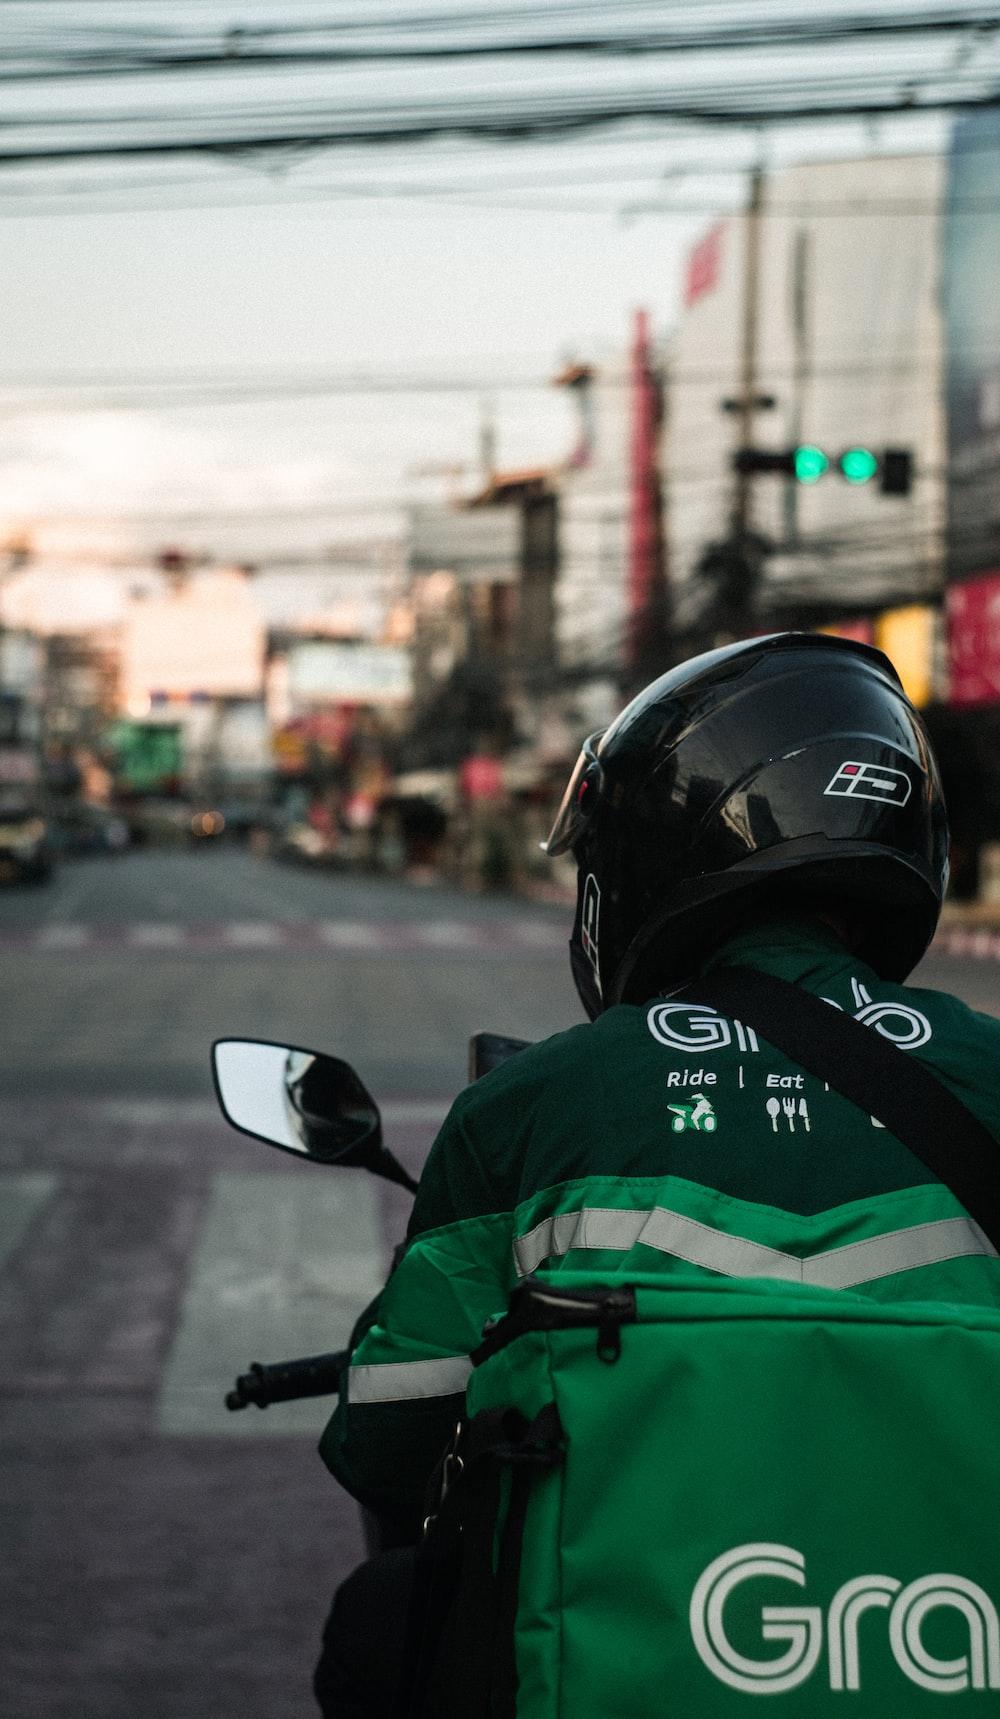 man in green and black jacket wearing black helmet